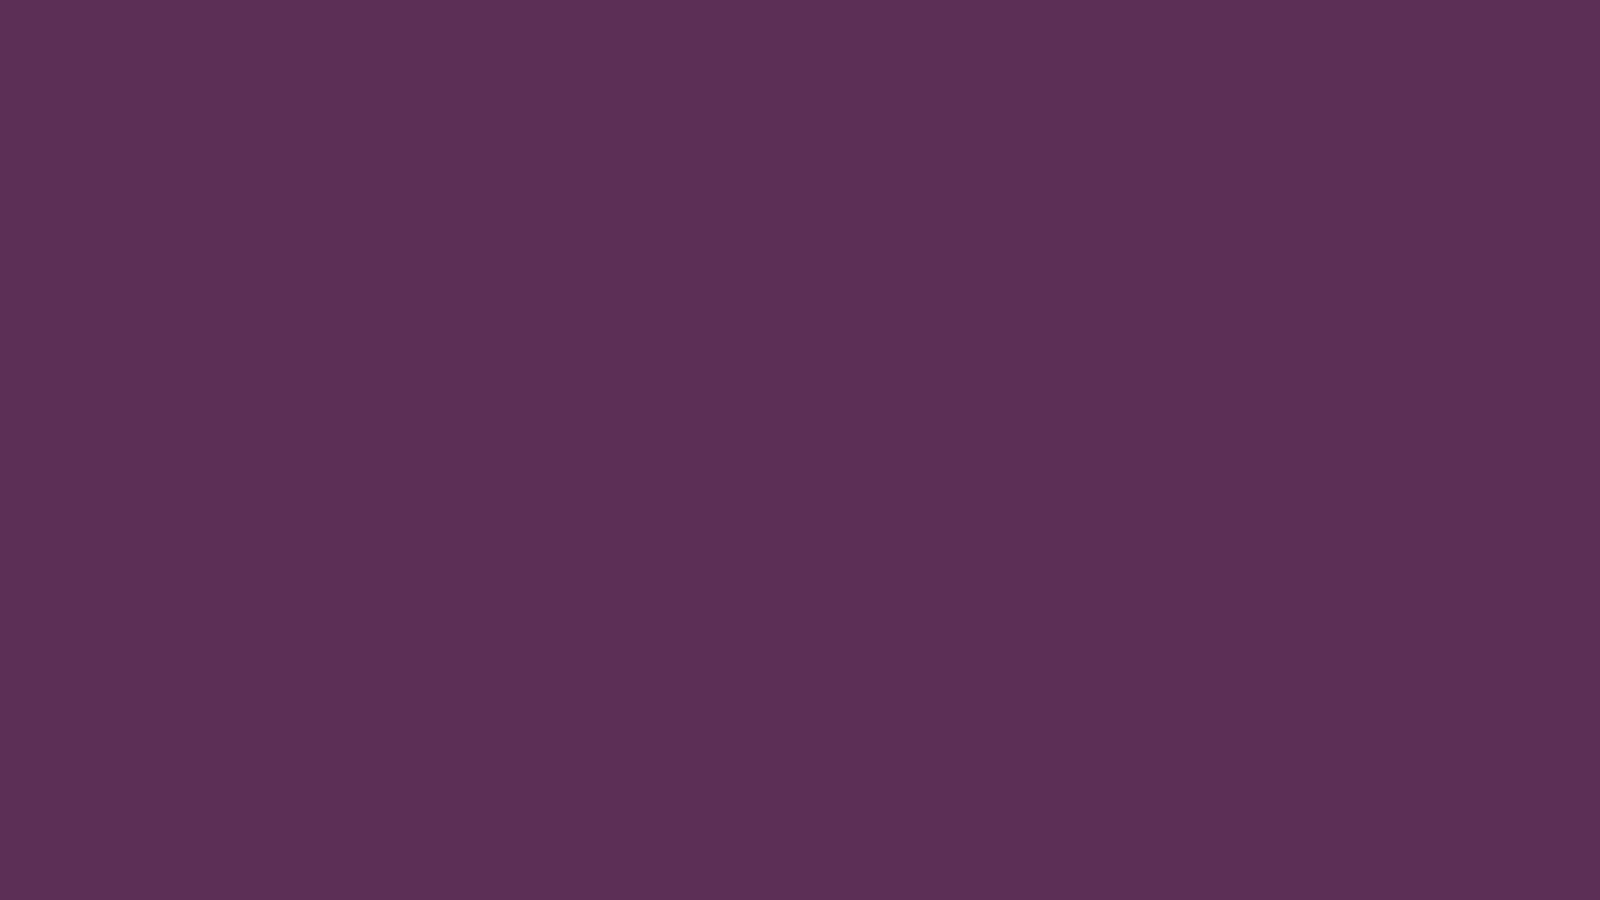 1600x900 Japanese Violet Solid Color Background